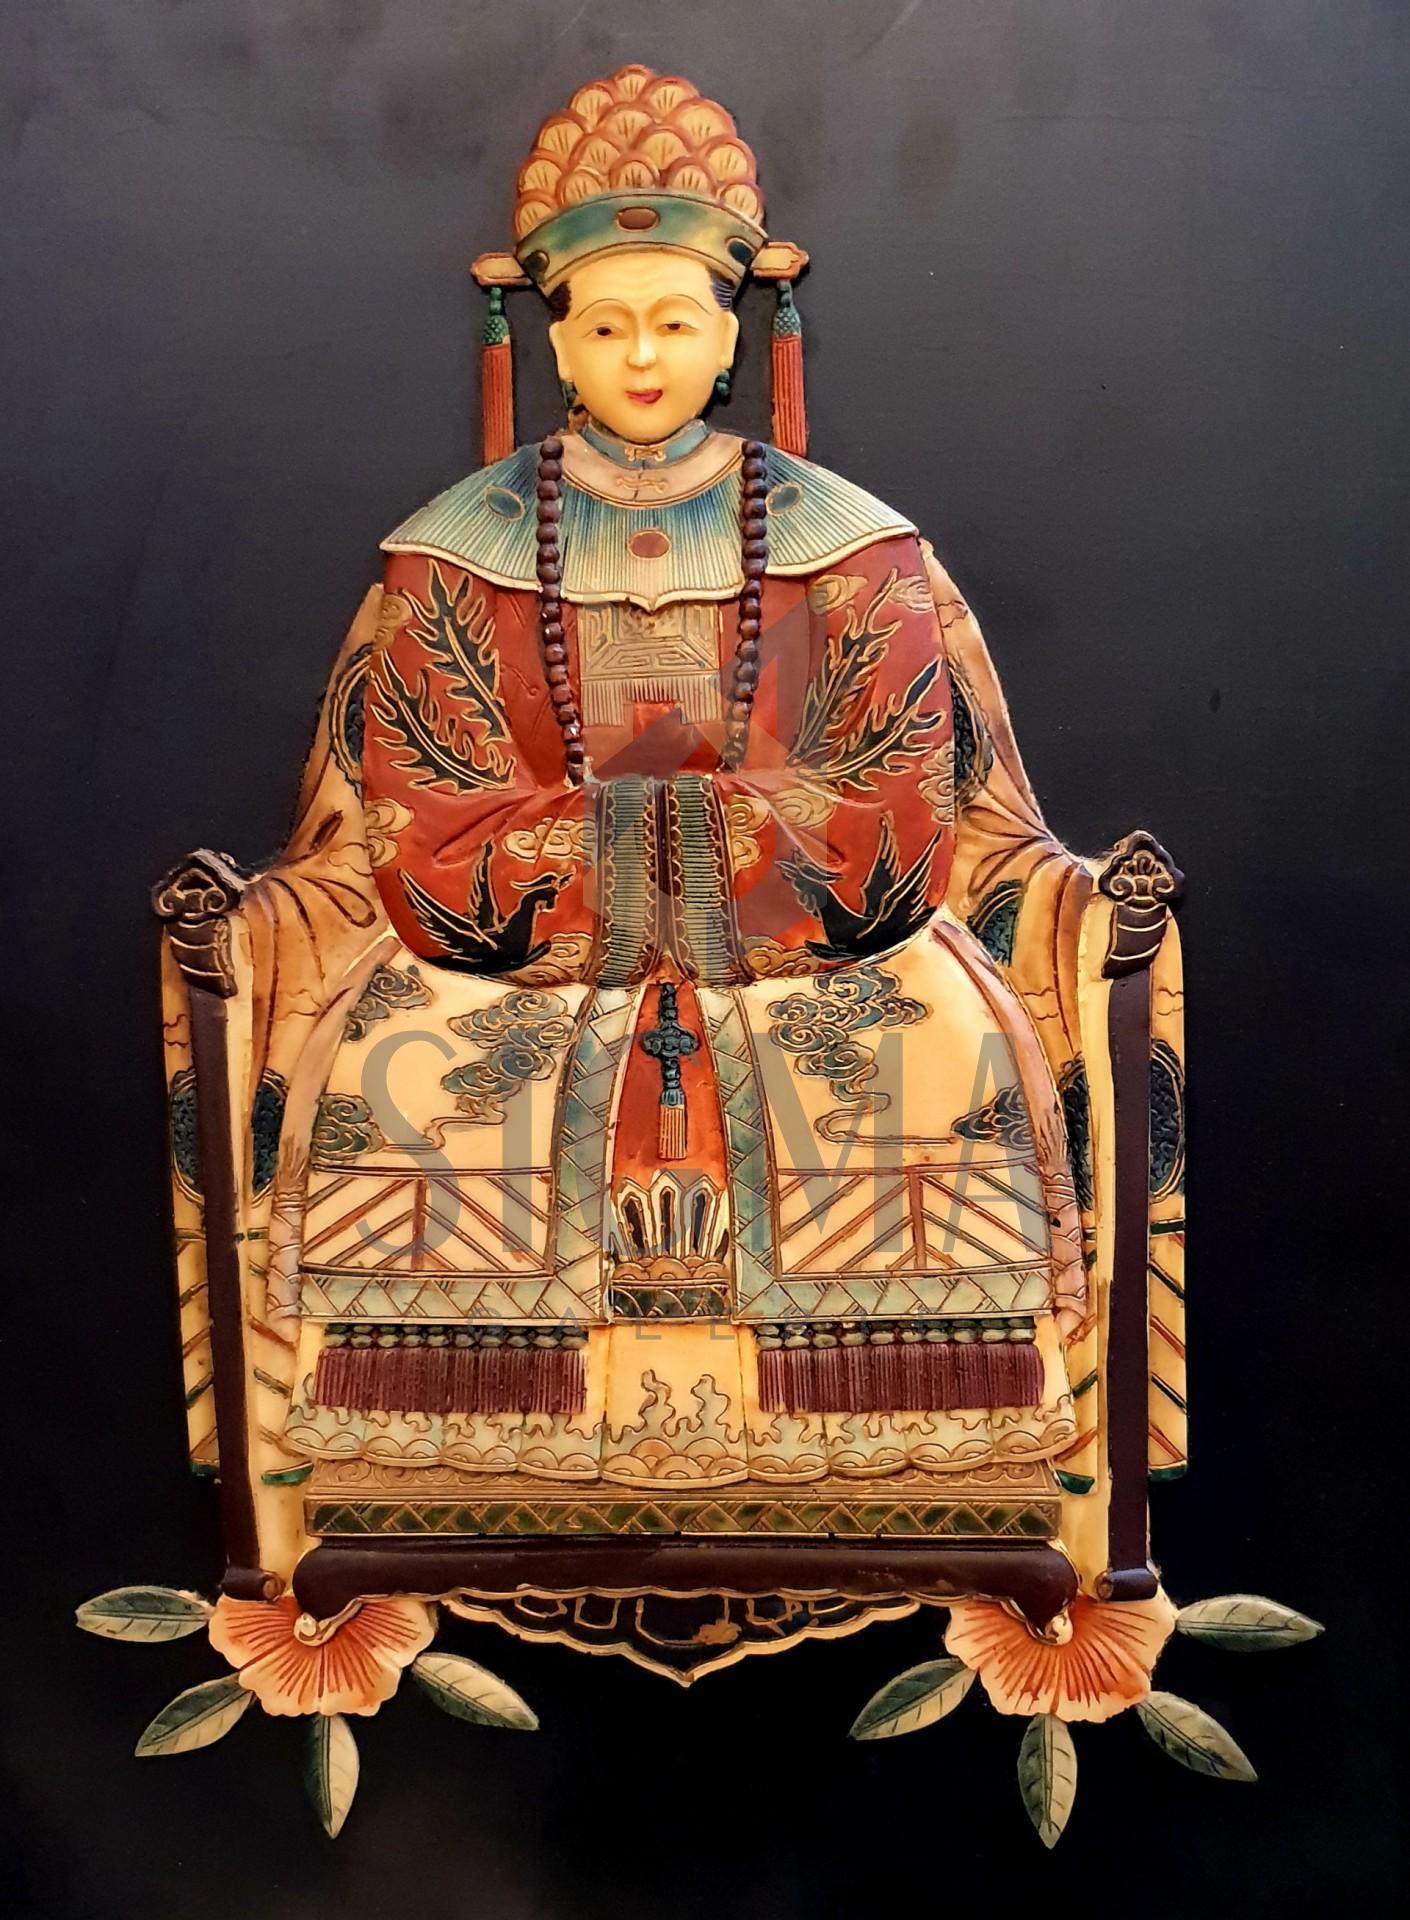 Tablouri chinezesti, Regina si Regele!